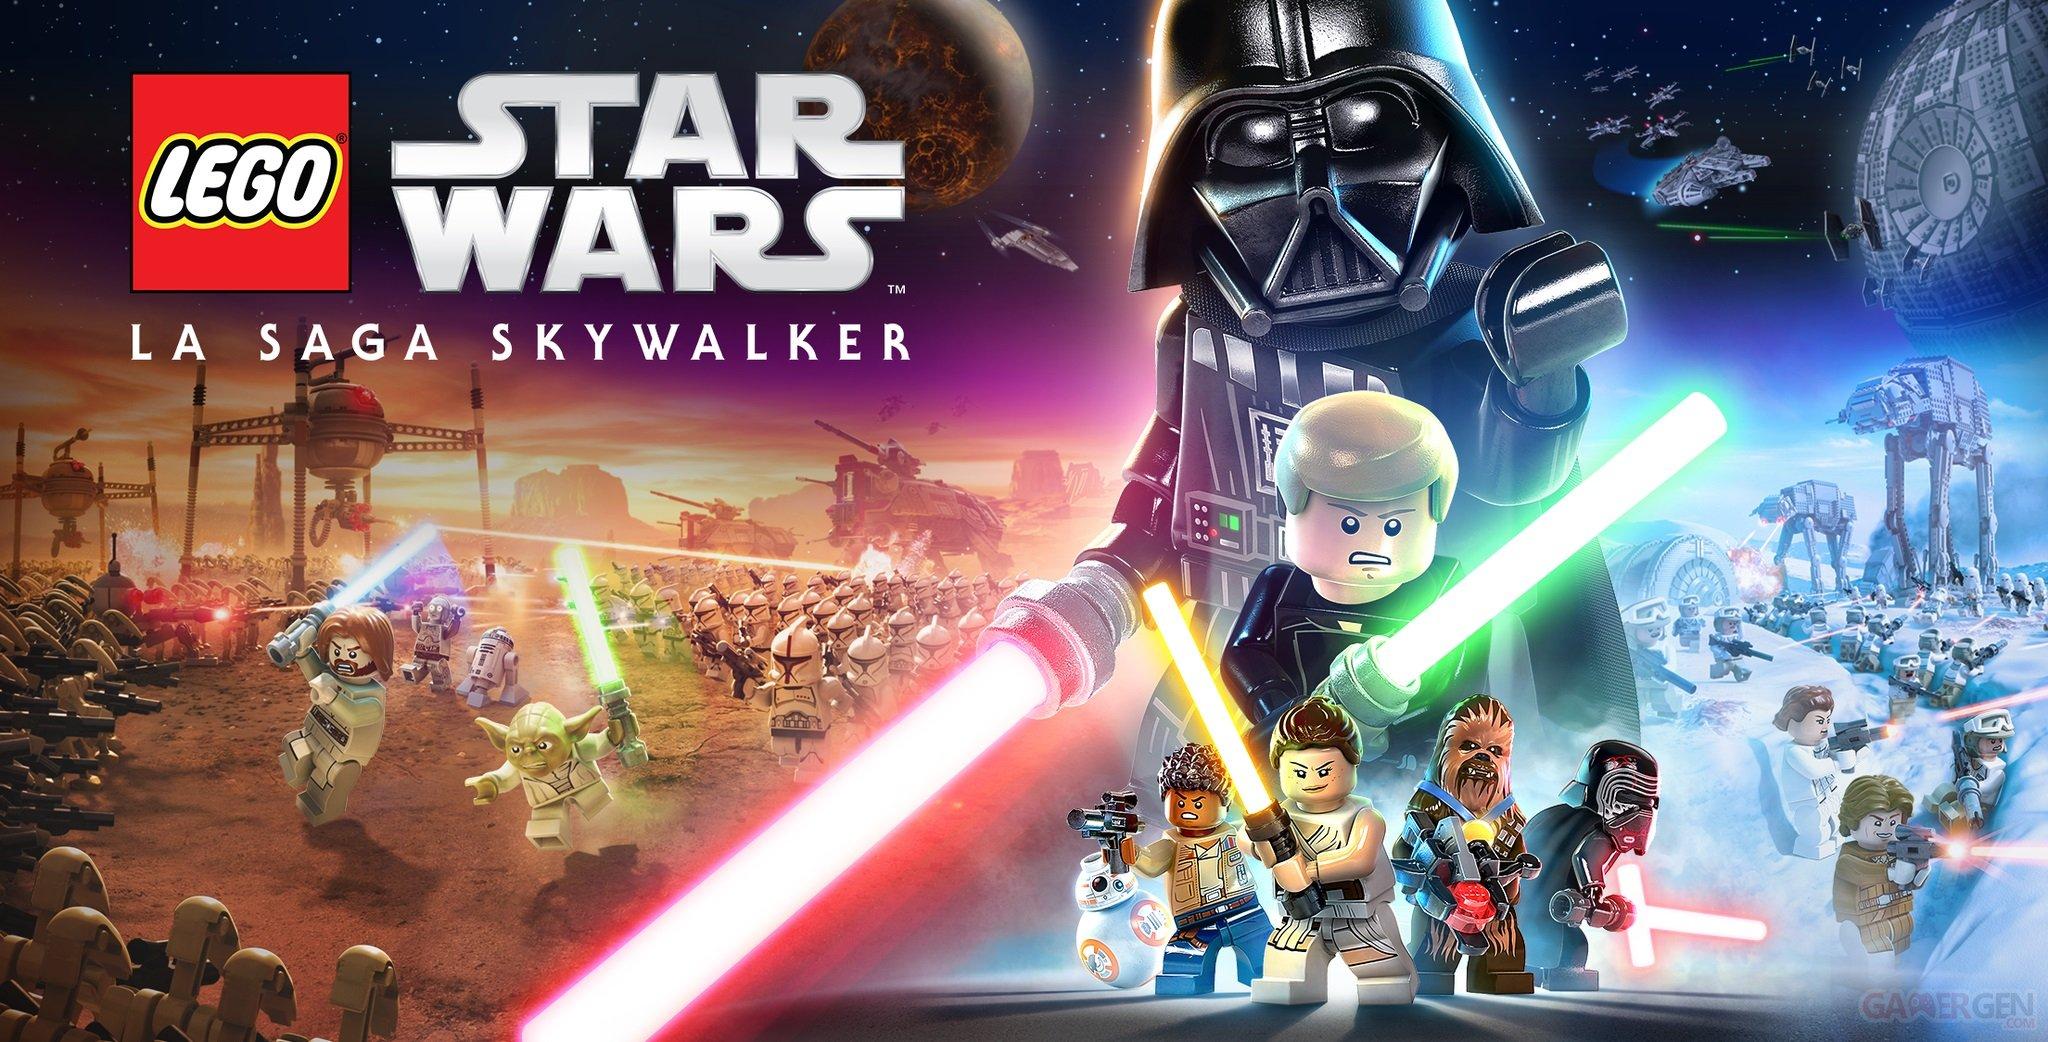 Le prochain long métrage réalisé par Taika Waititi — Star Wars